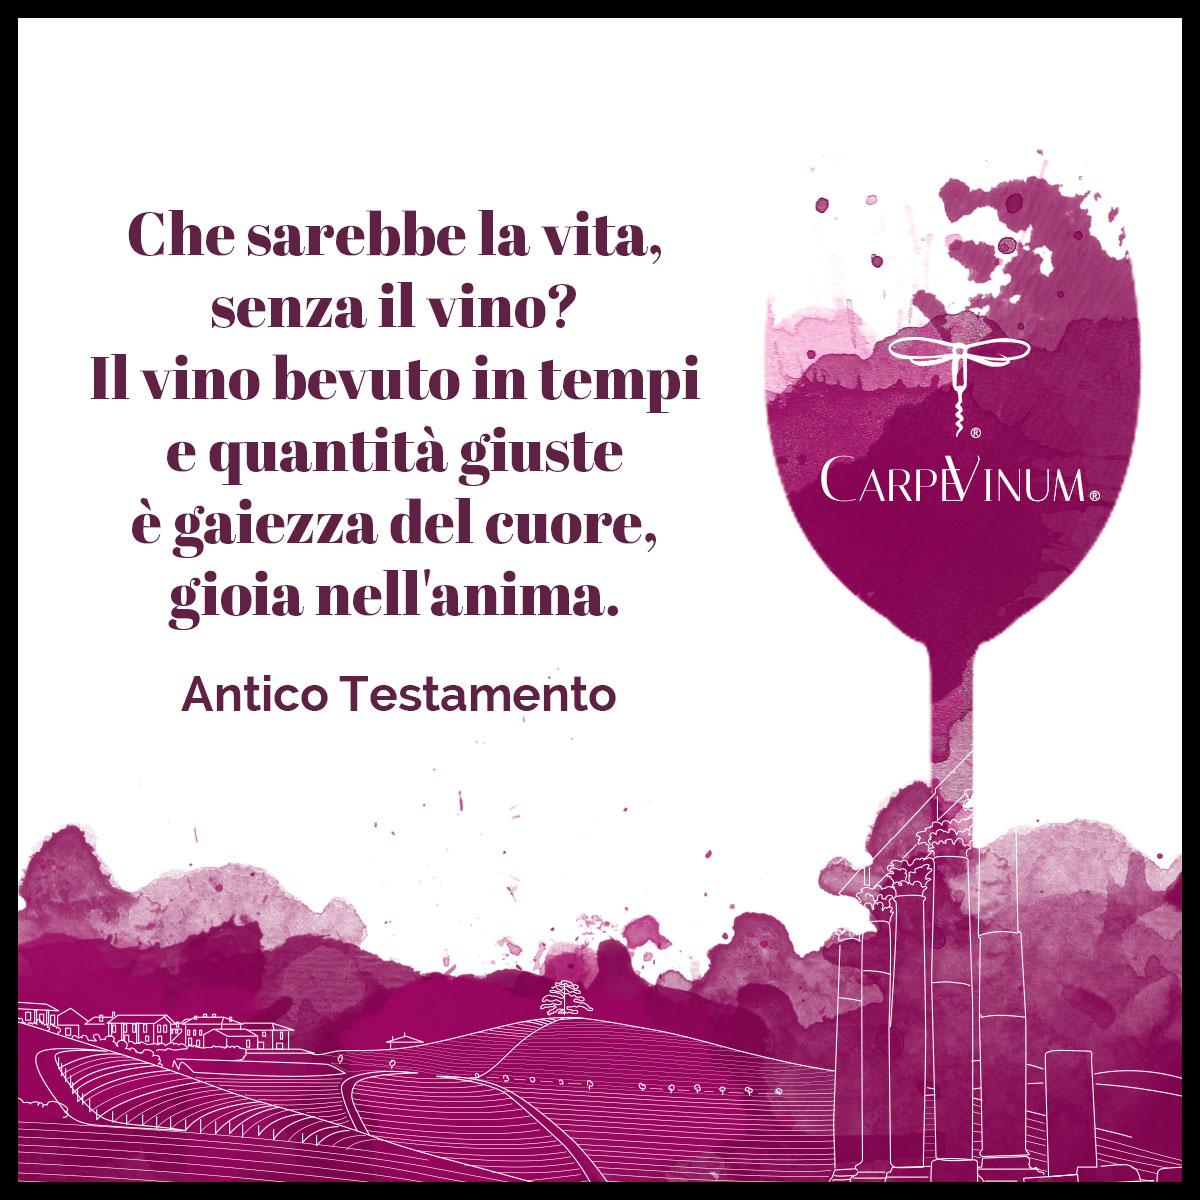 citazione Antico Testamento - Che sarebbe la vita senza vino?